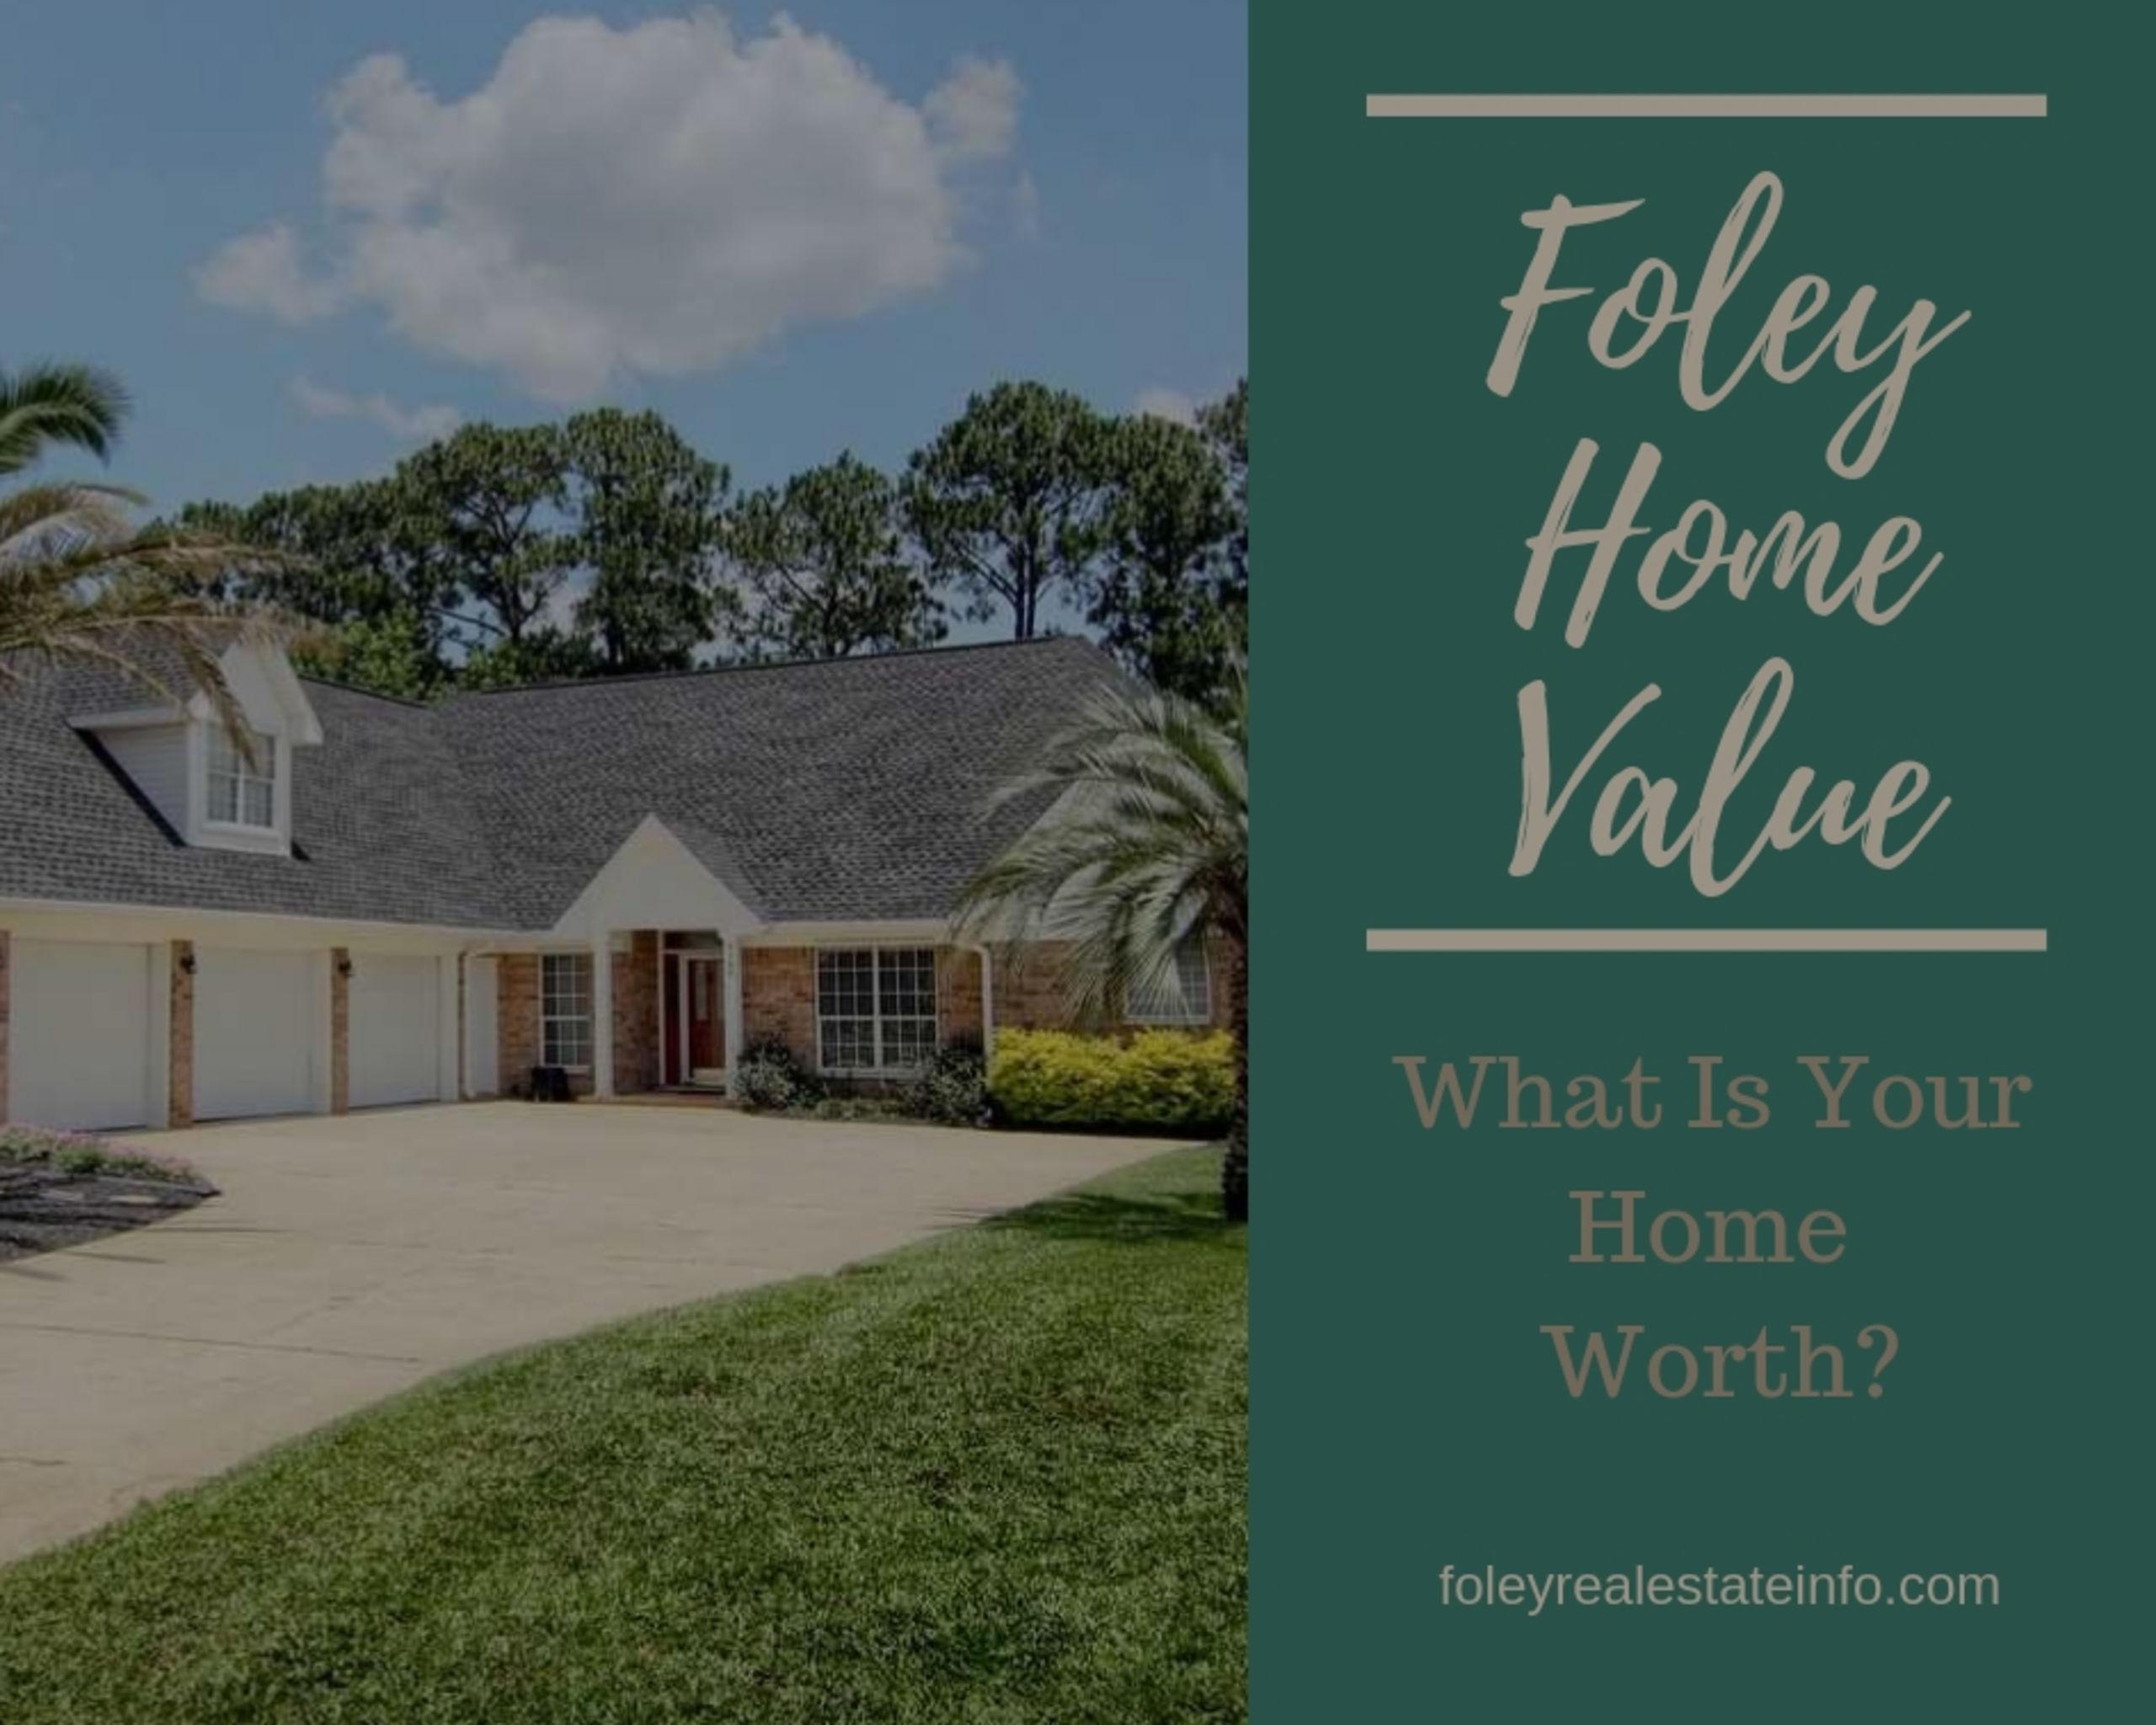 Foley Home Value